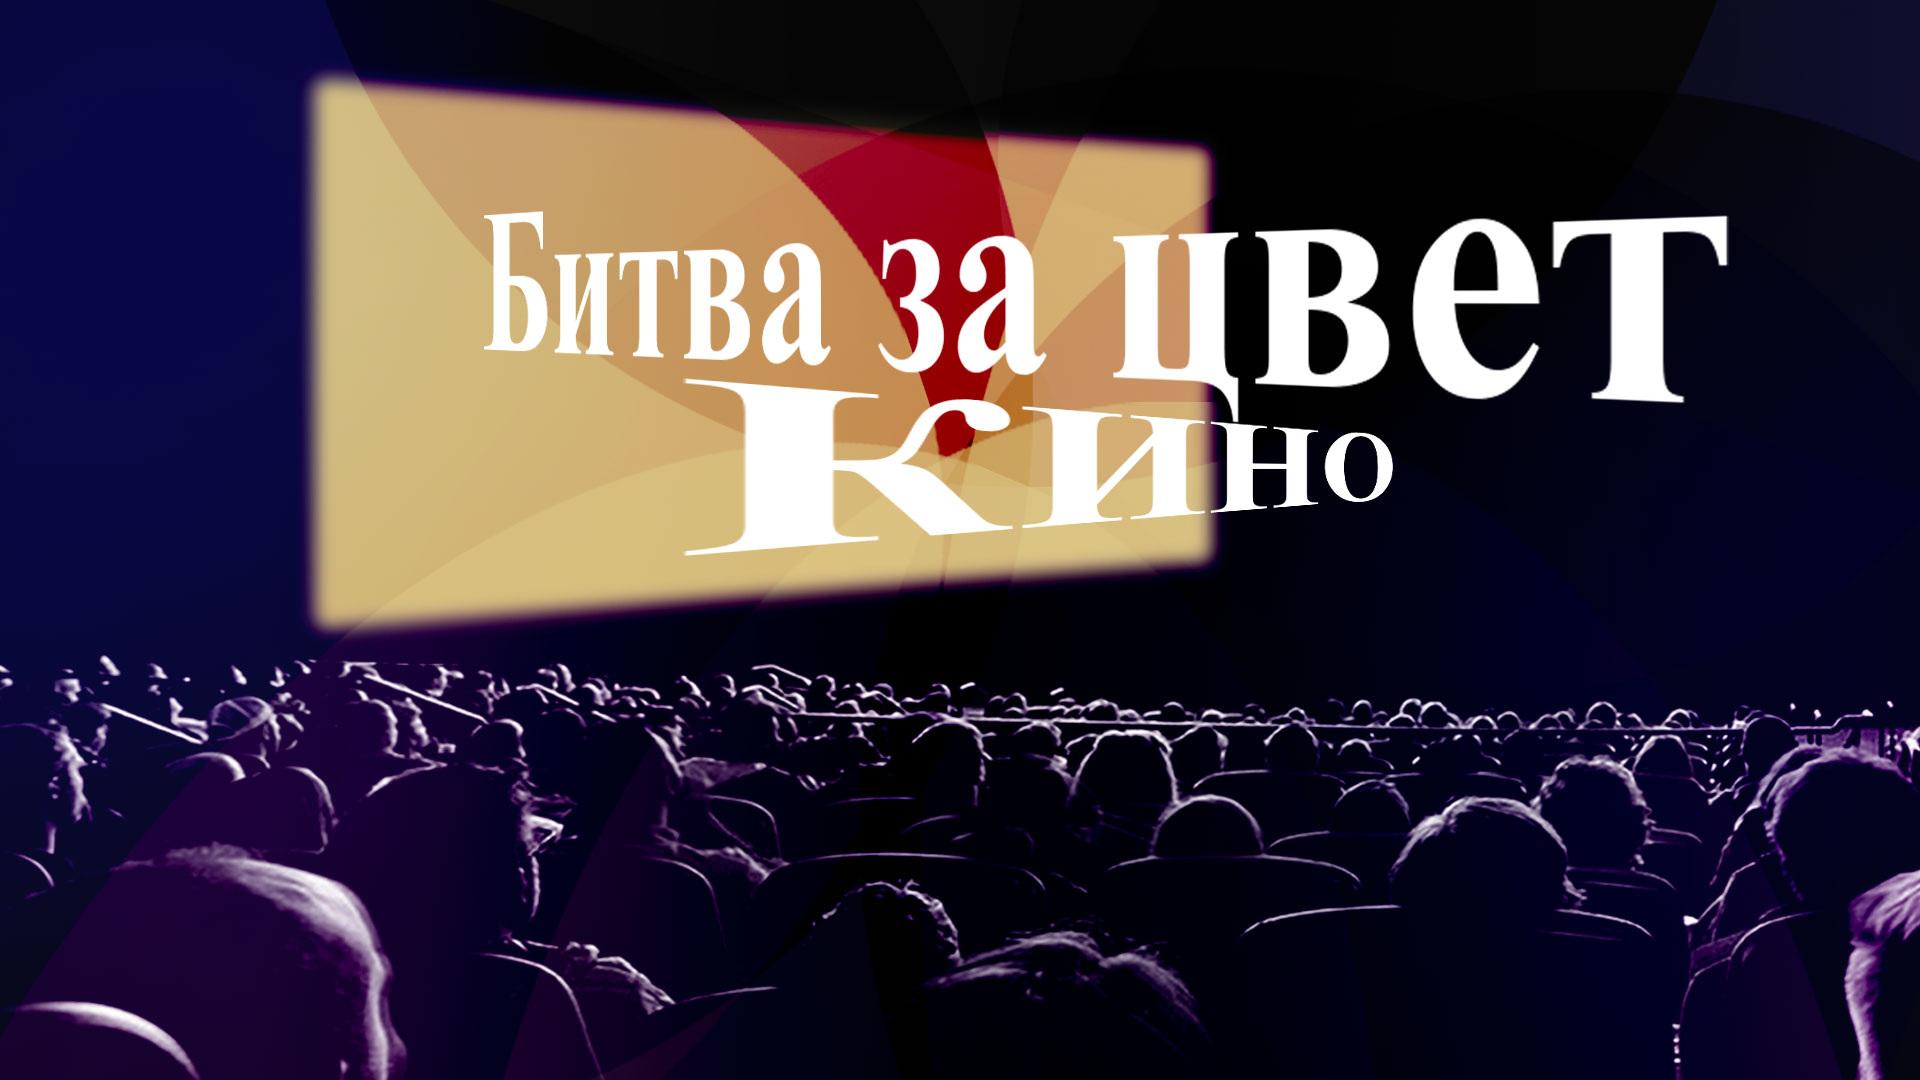 Битва за цвет. Кино